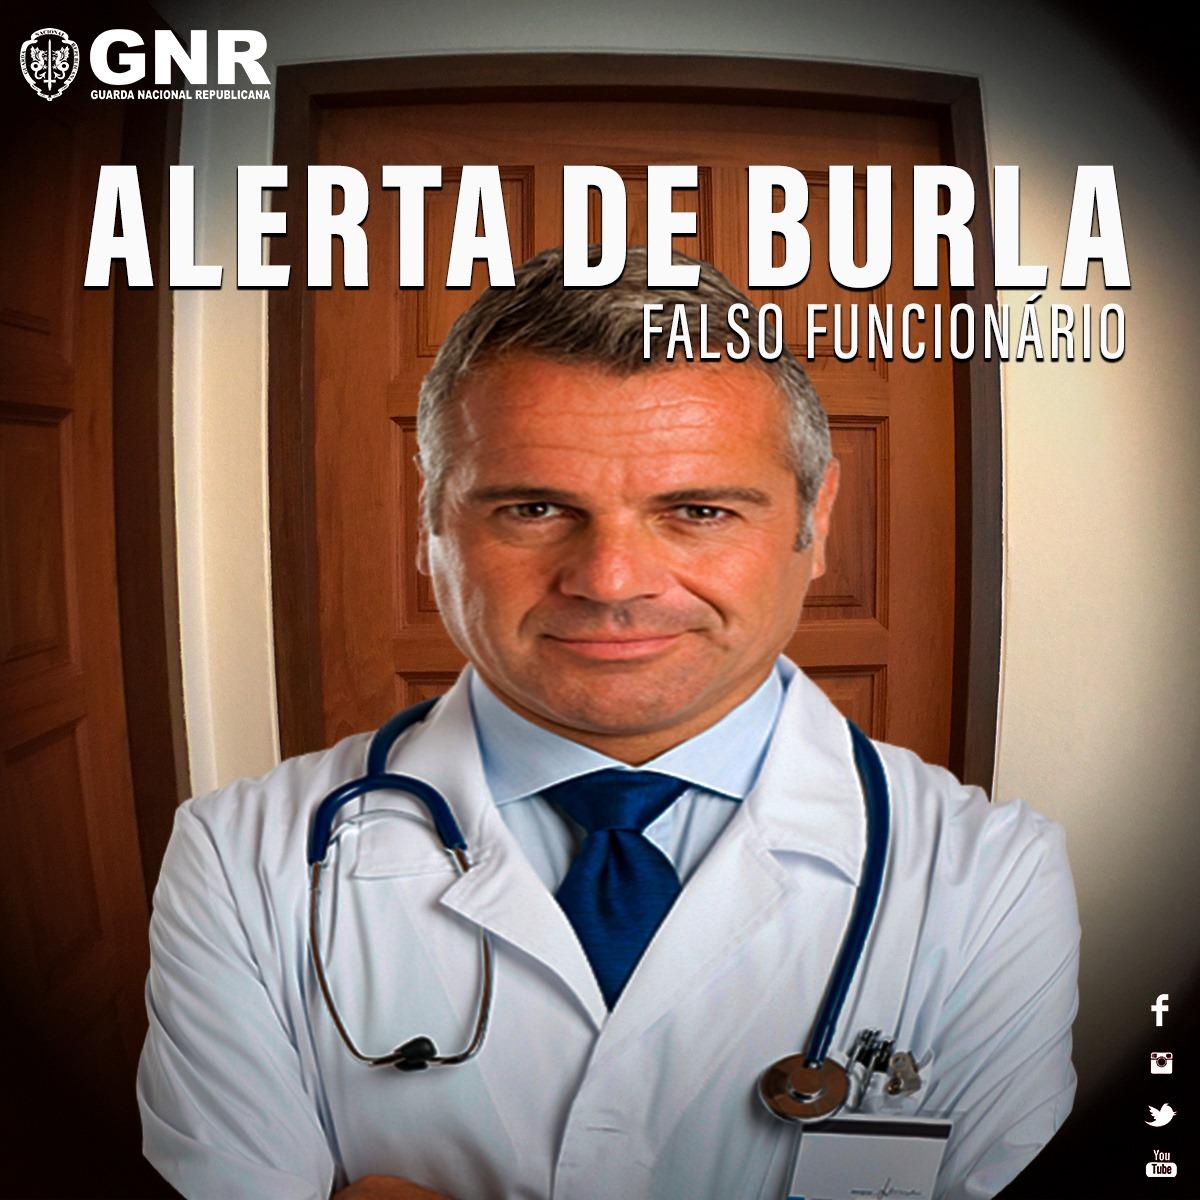 ALERTA DE BURLA | FALSOS PROFISSIONAIS DE SAÚDE E DE OPERADORAS DE TELECOMUNICAÇÕES